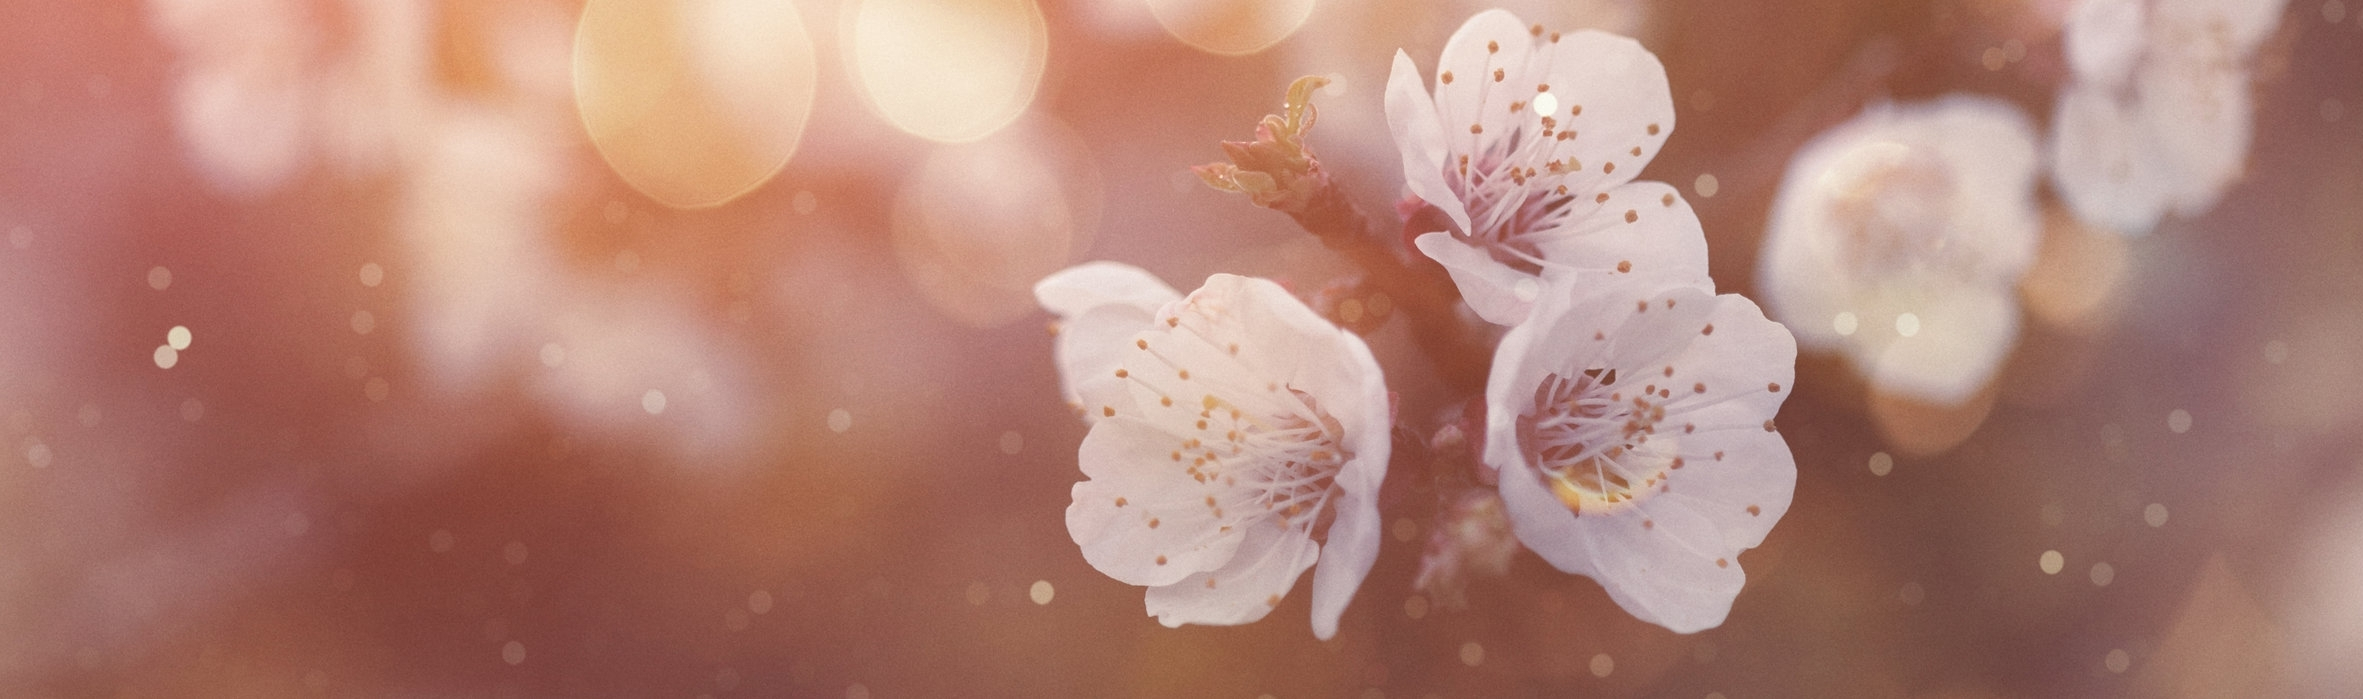 flowers-658065546.jpg